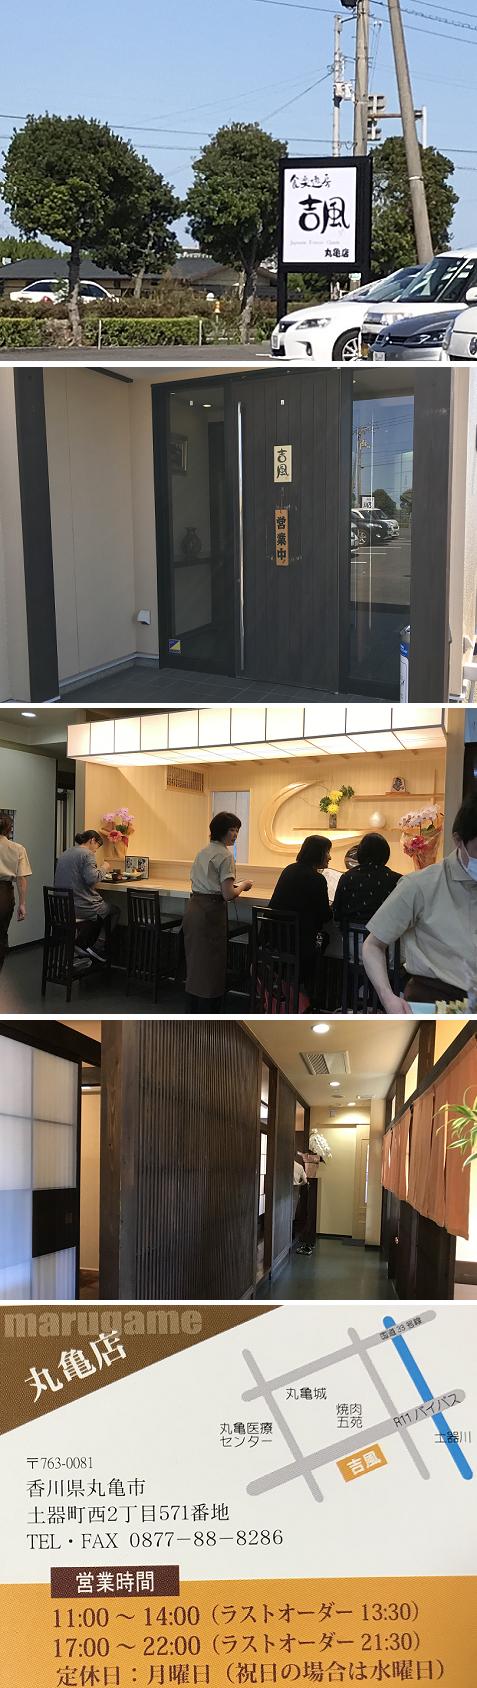 20181021吉風丸亀店1